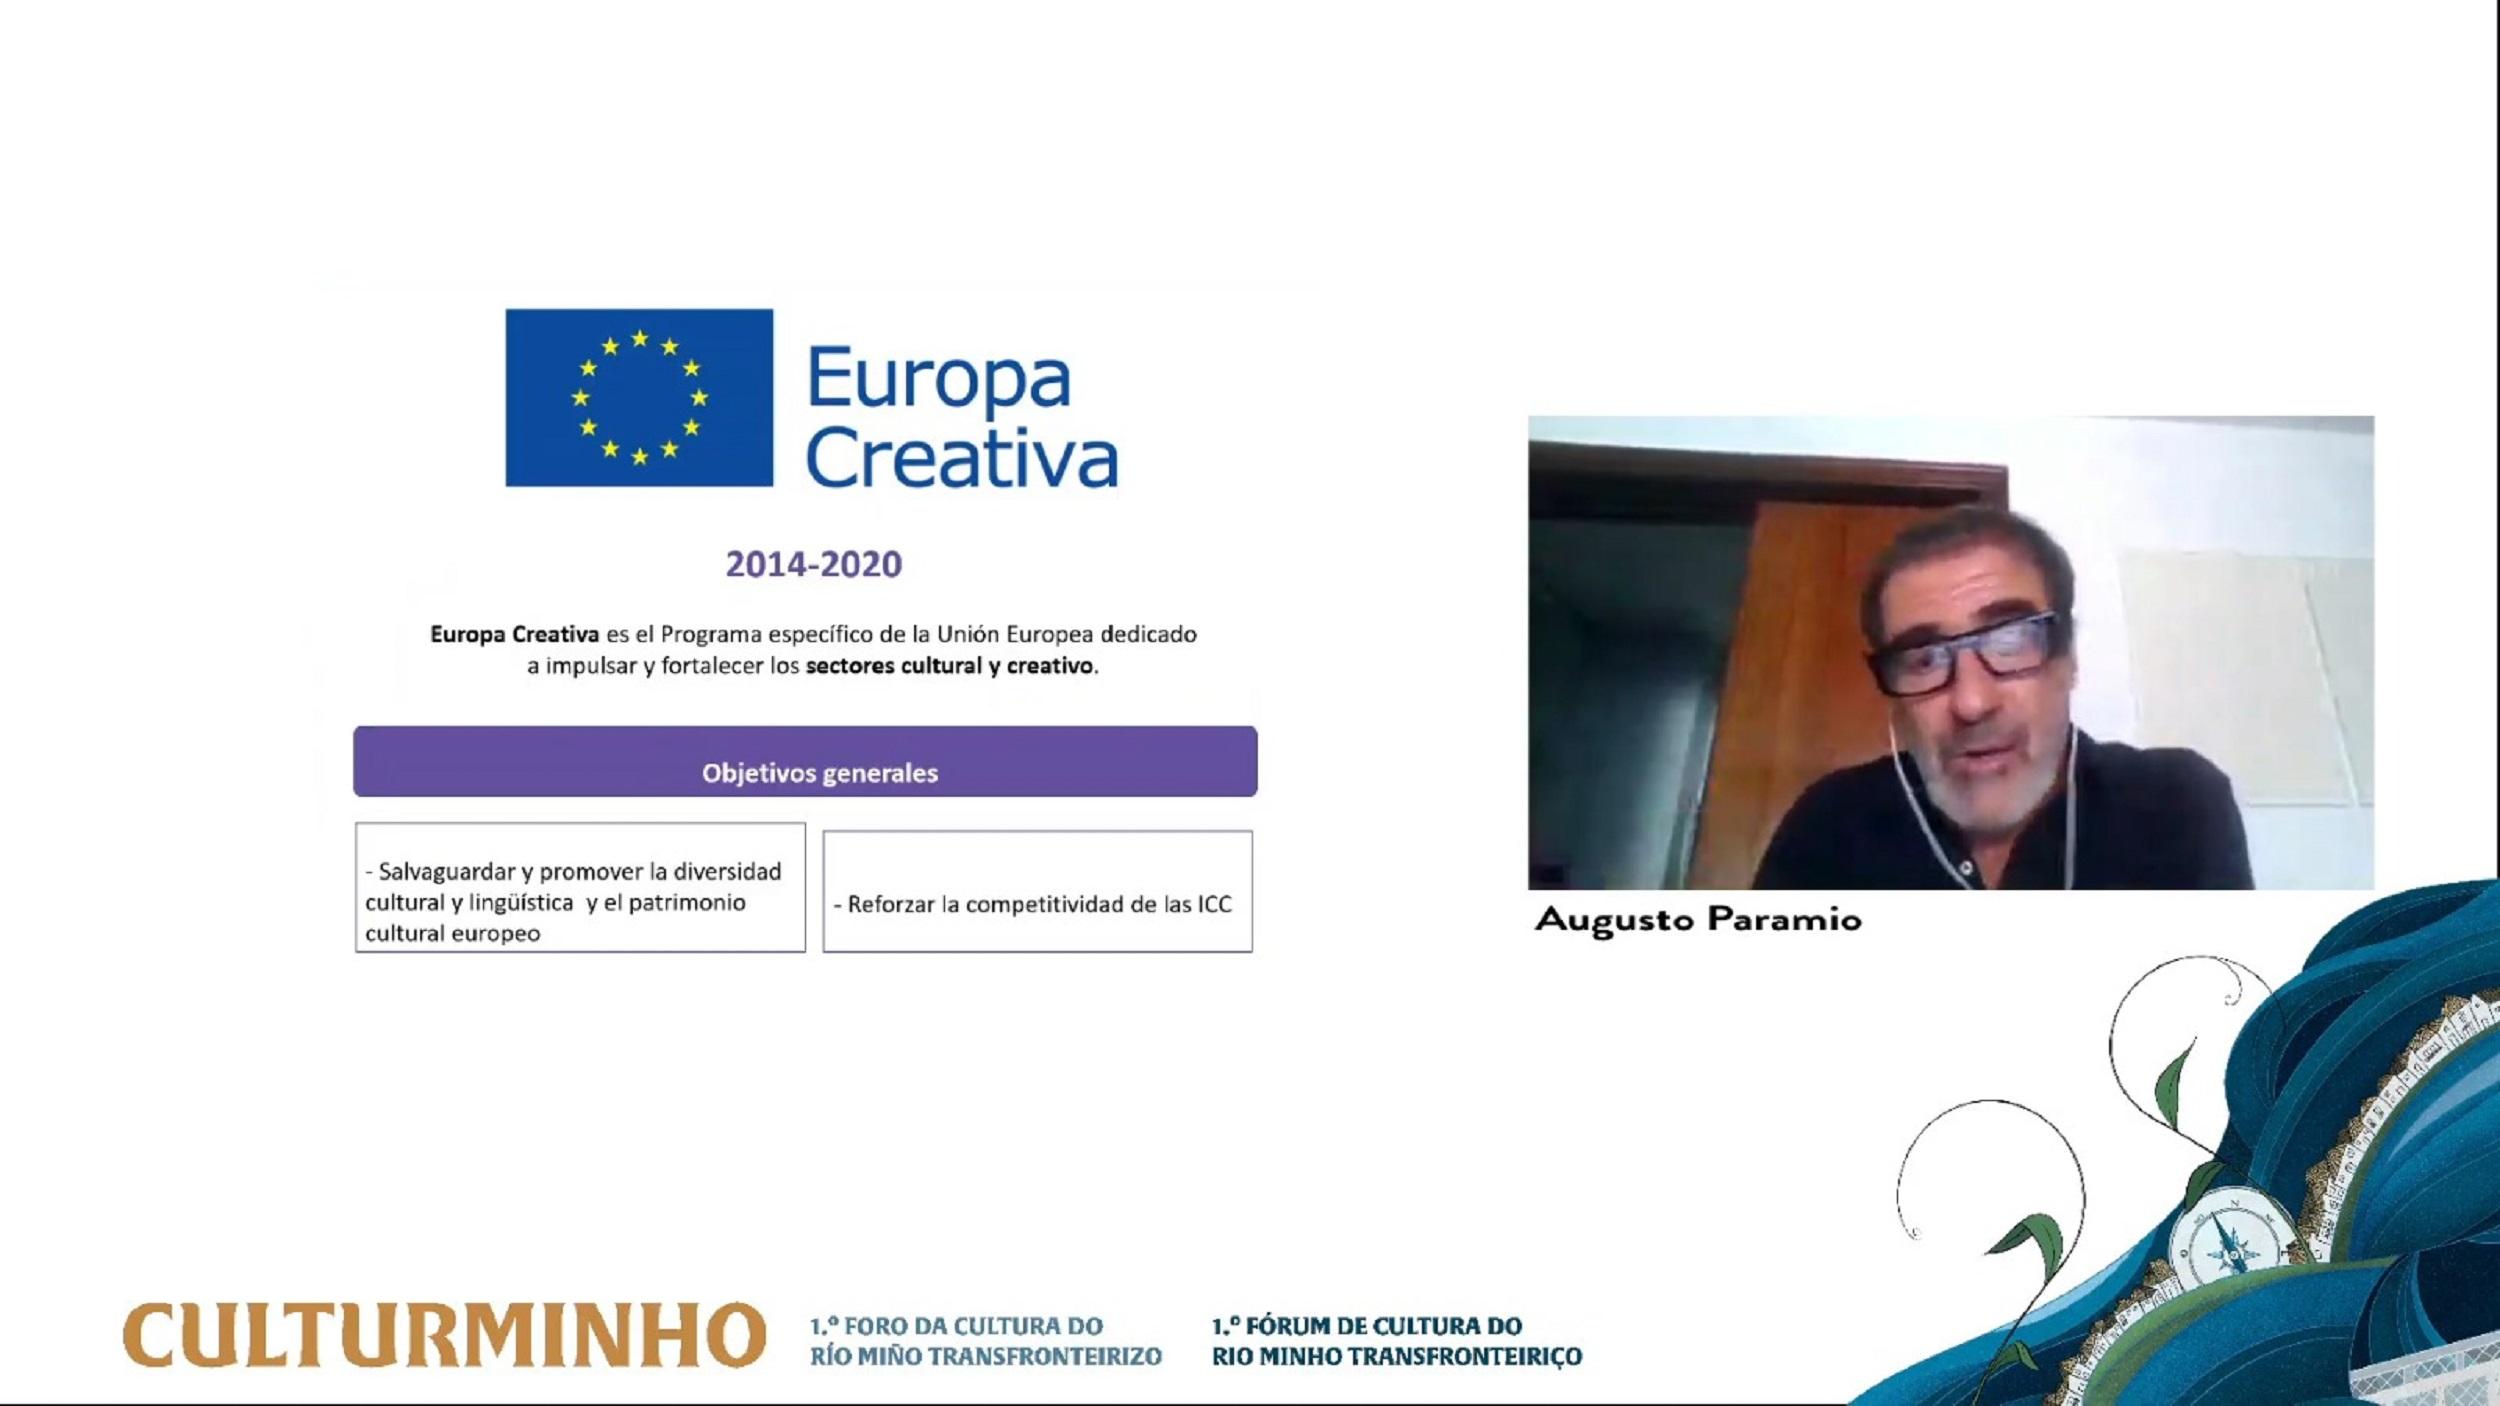 fundos europeus para iniciativas culturais